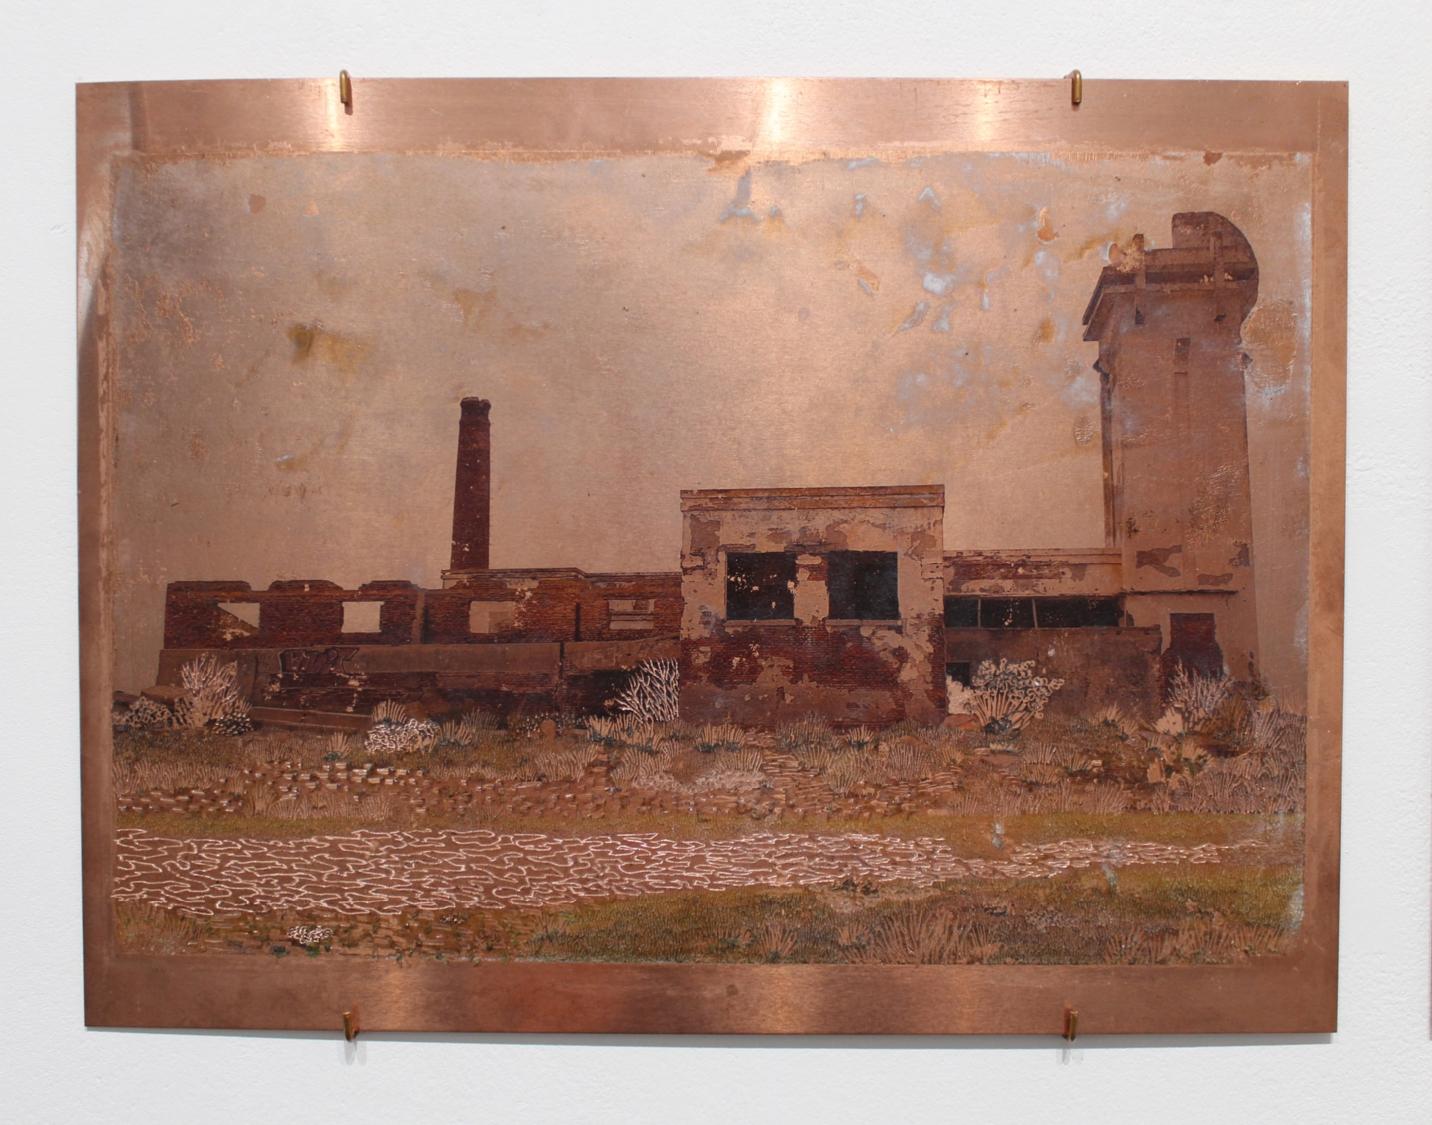 Raphaëlle Peria, Le feu d'Epecuén, transfert photographique sur cuivre gravé, 30 x 40 cm, 2021